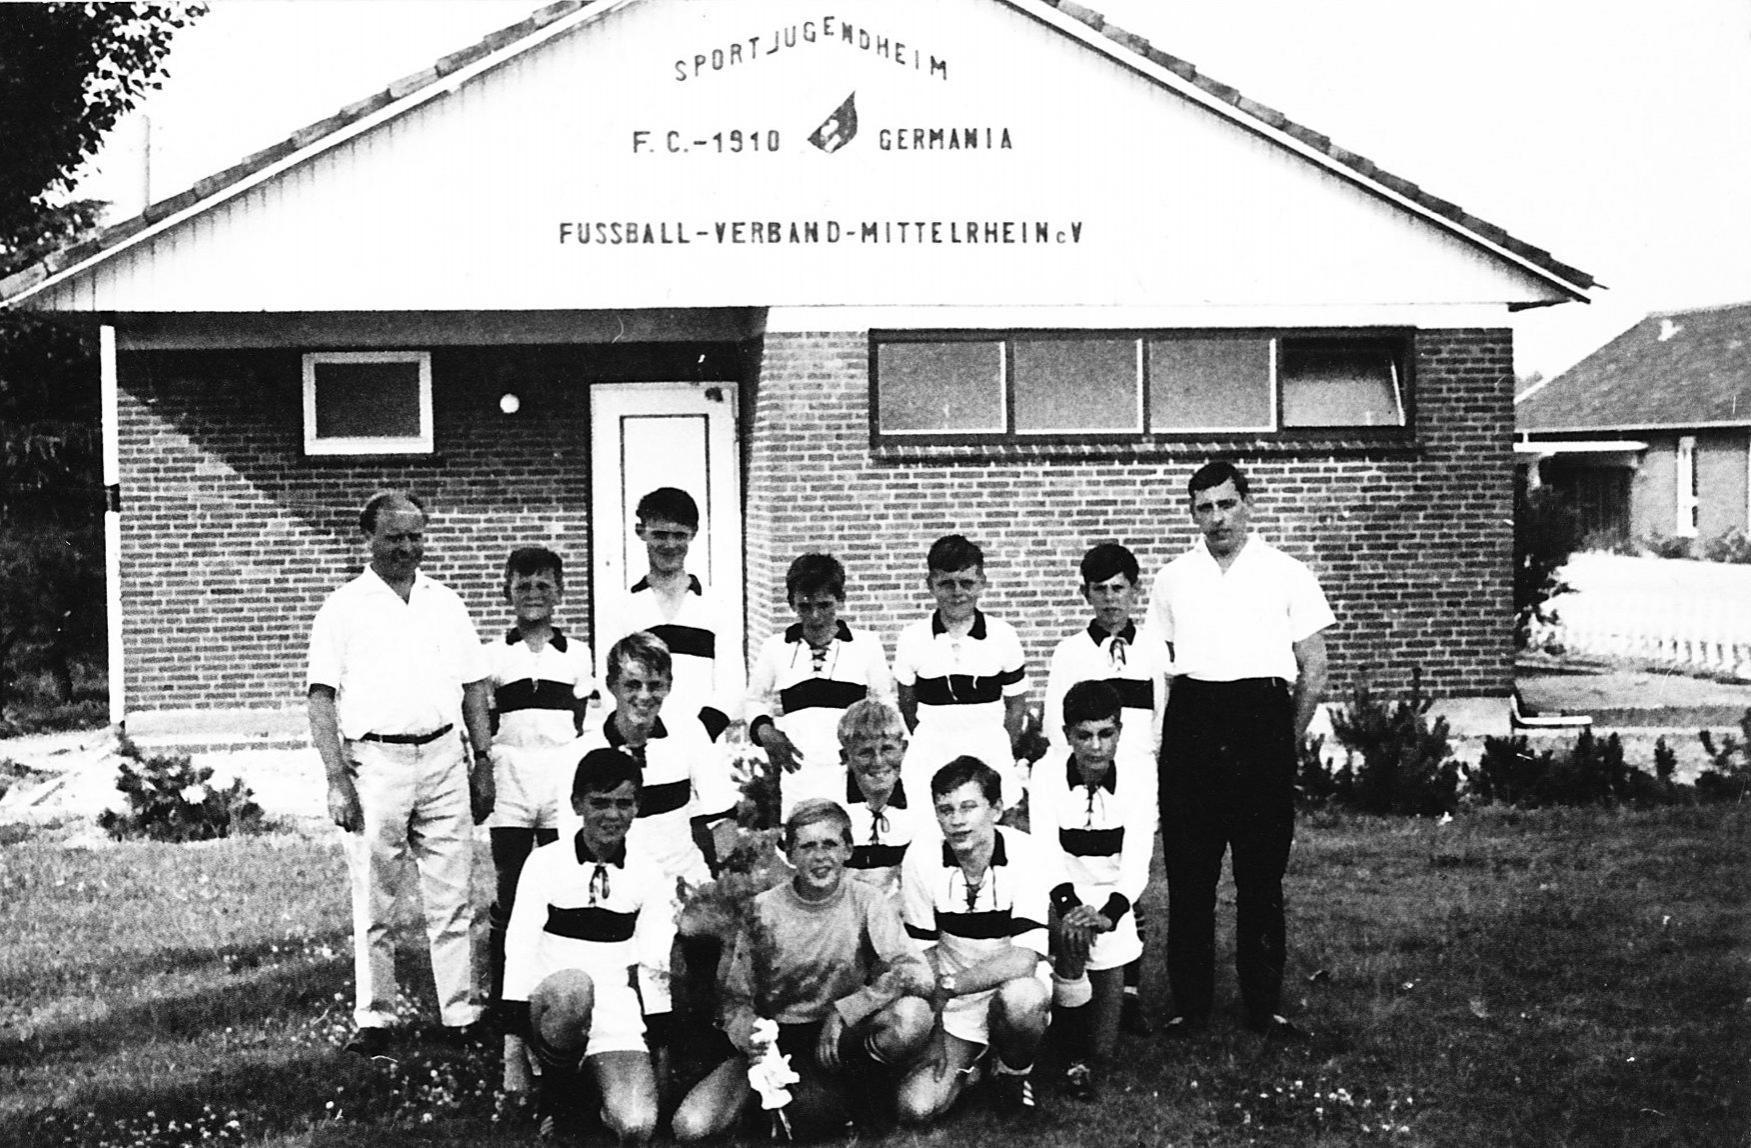 Jugendheim an der Liecker Volksschule